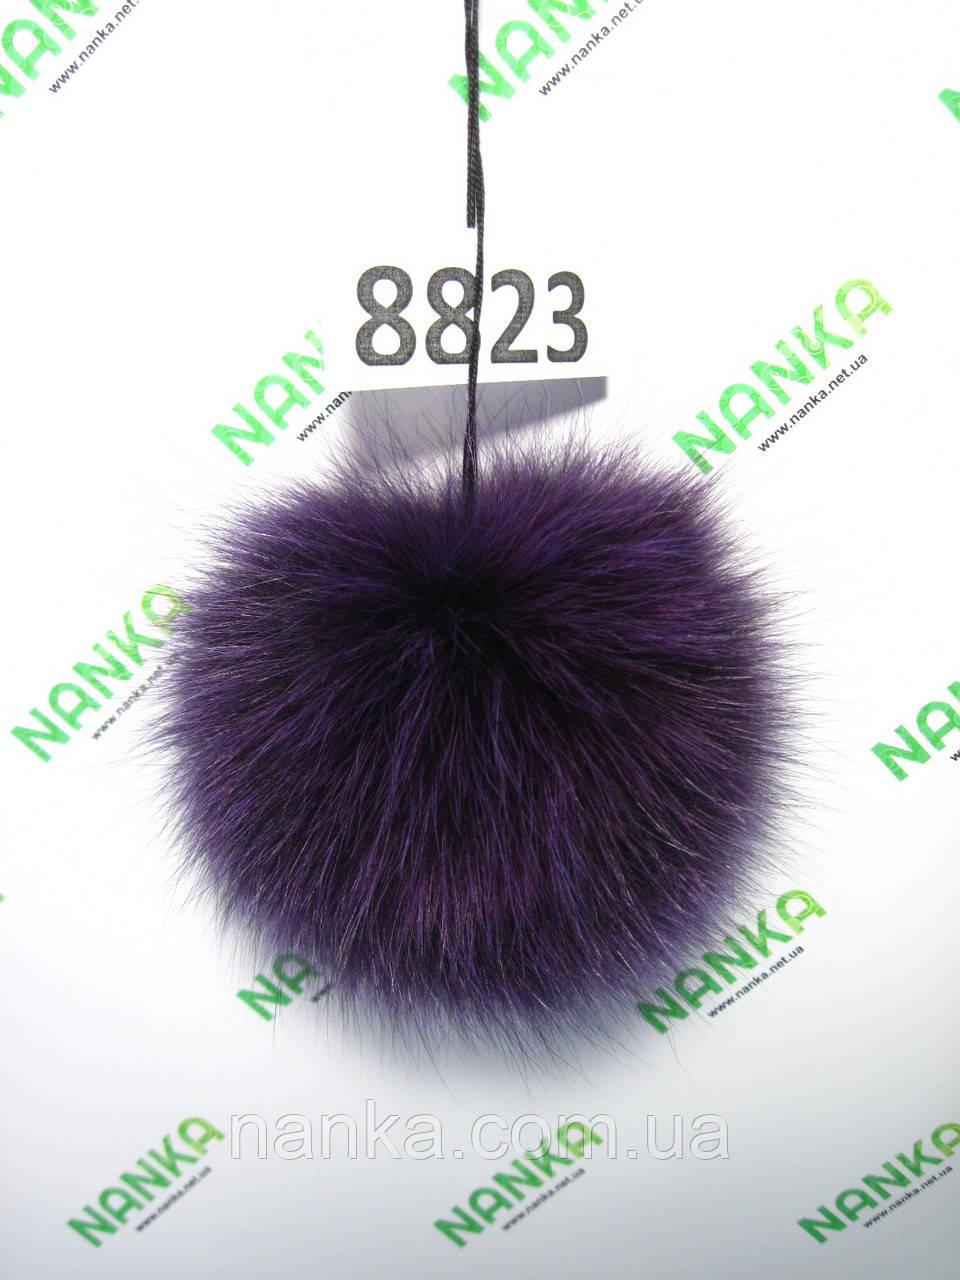 Меховой помпон Песец, Фиолетовый, 12 см, 8823